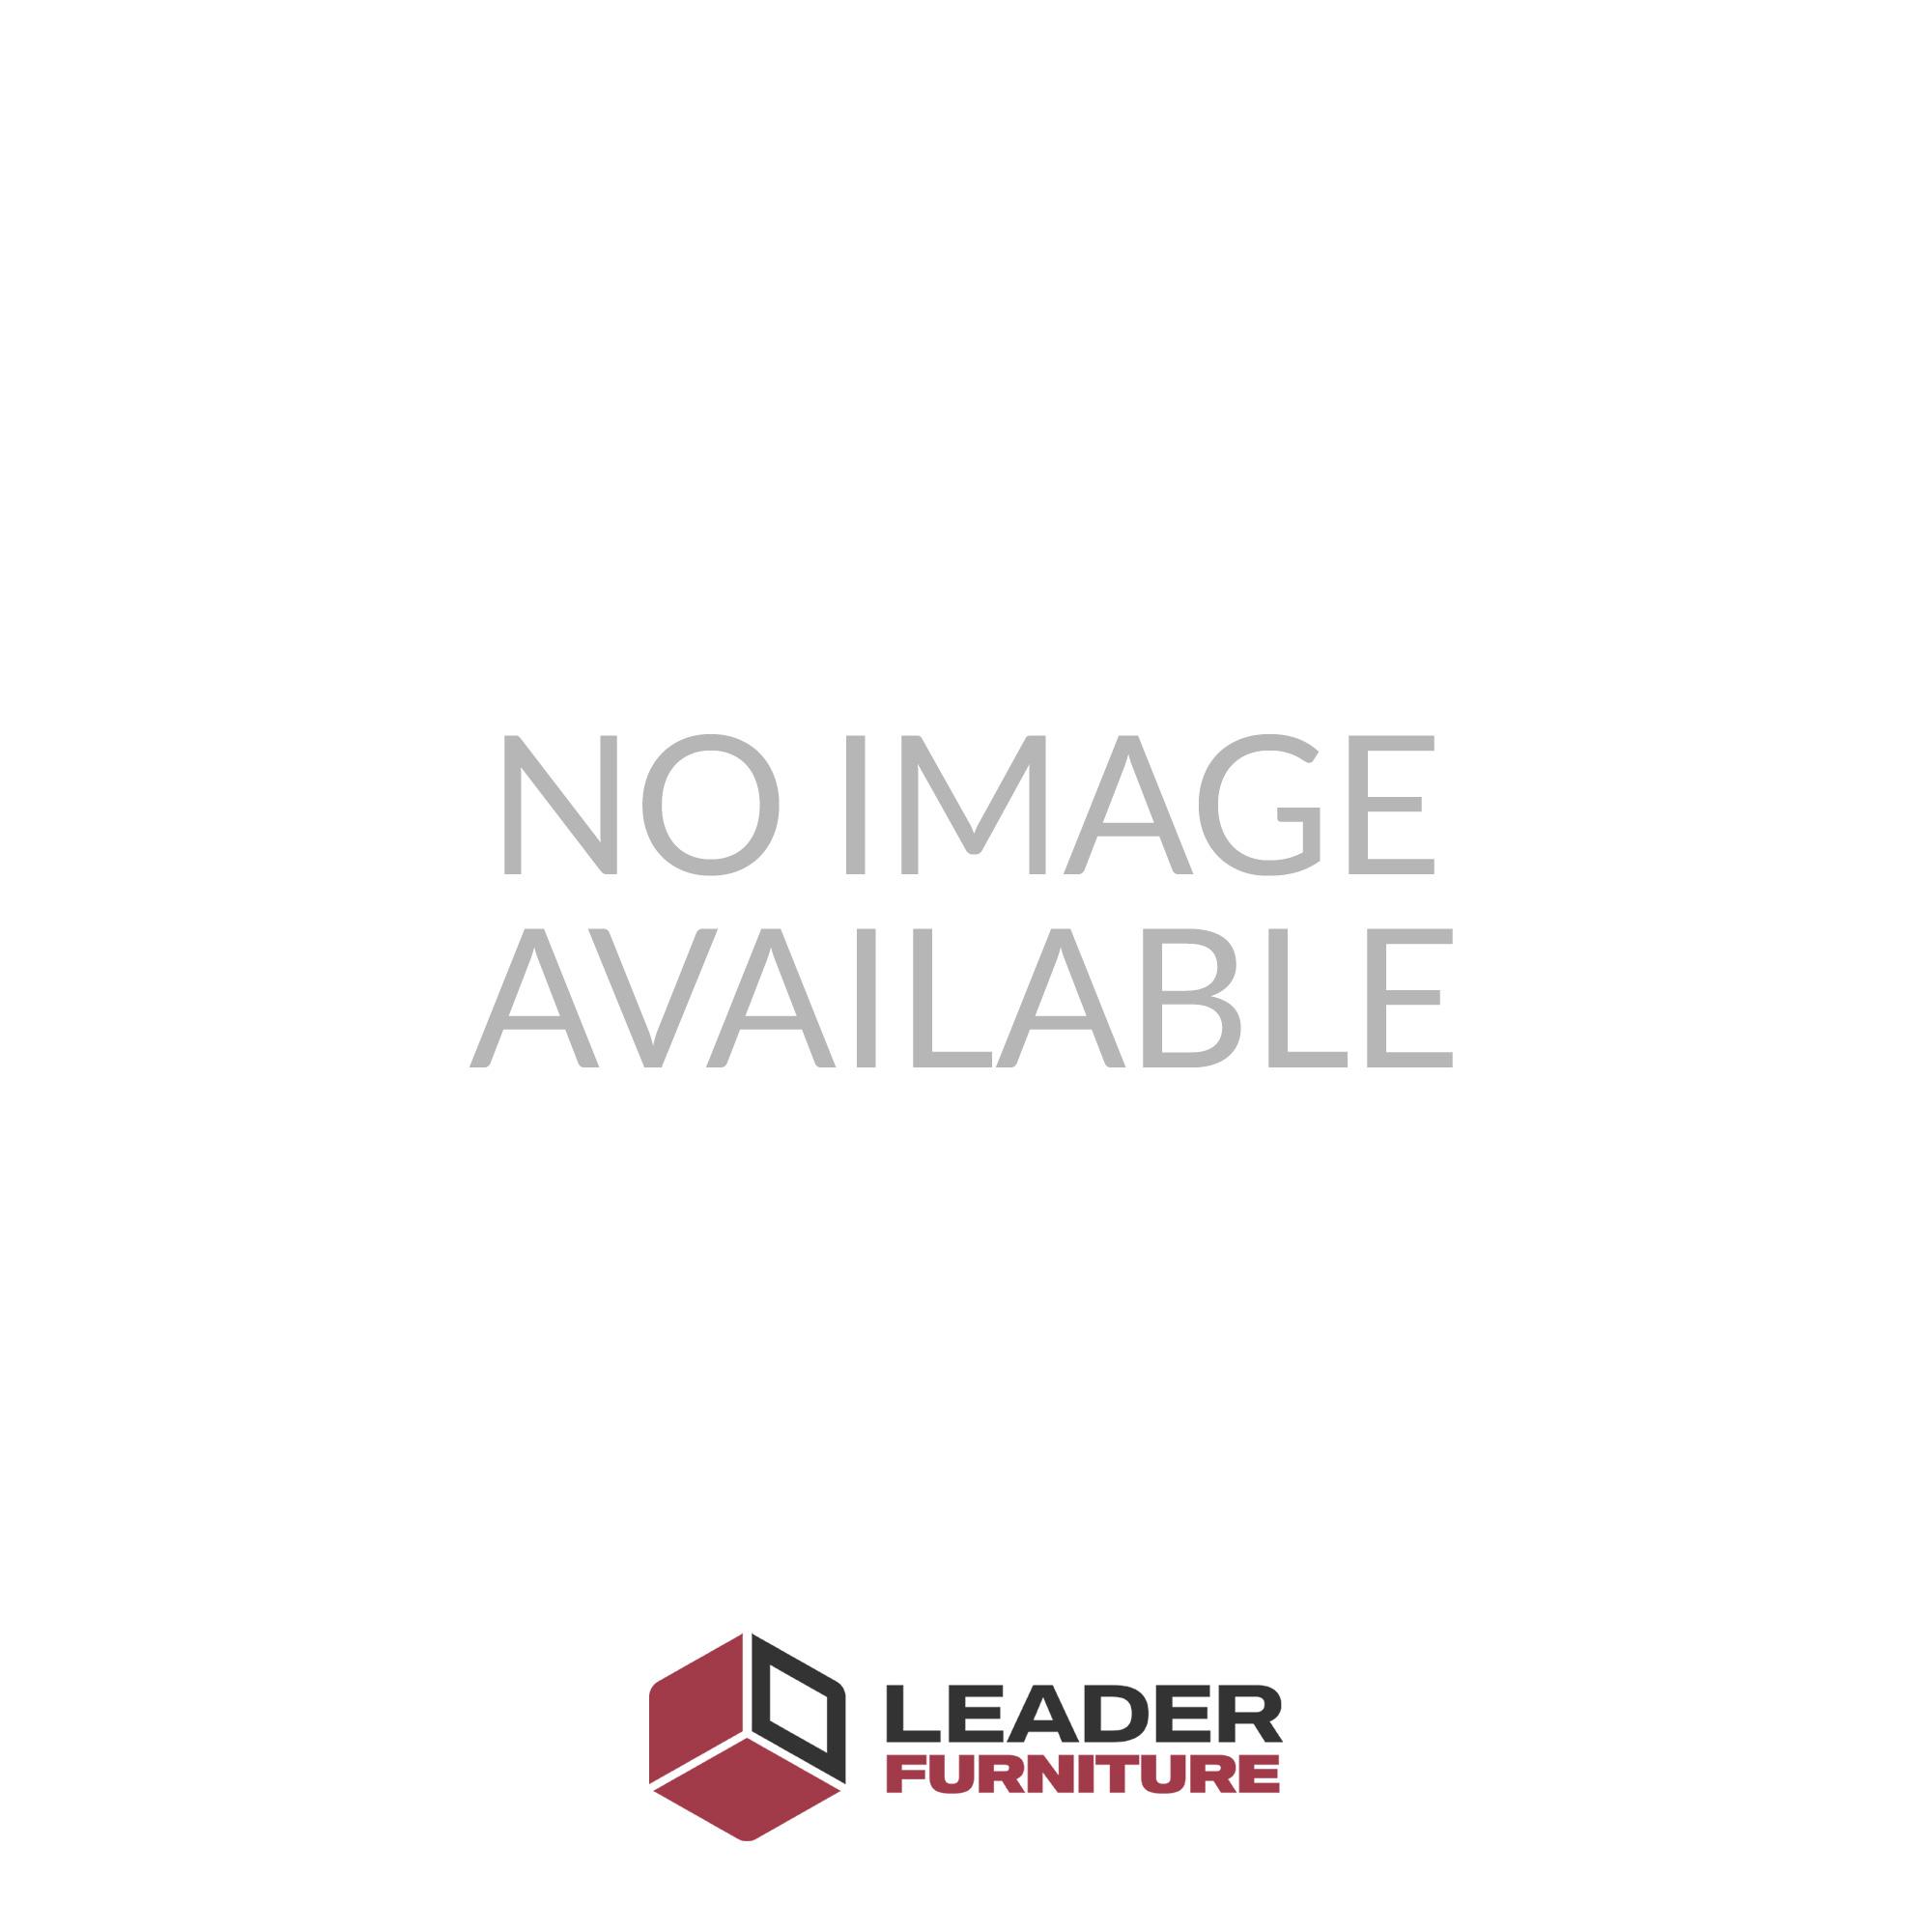 Clearance Furniture Sale Home Furniture Leader Furniture